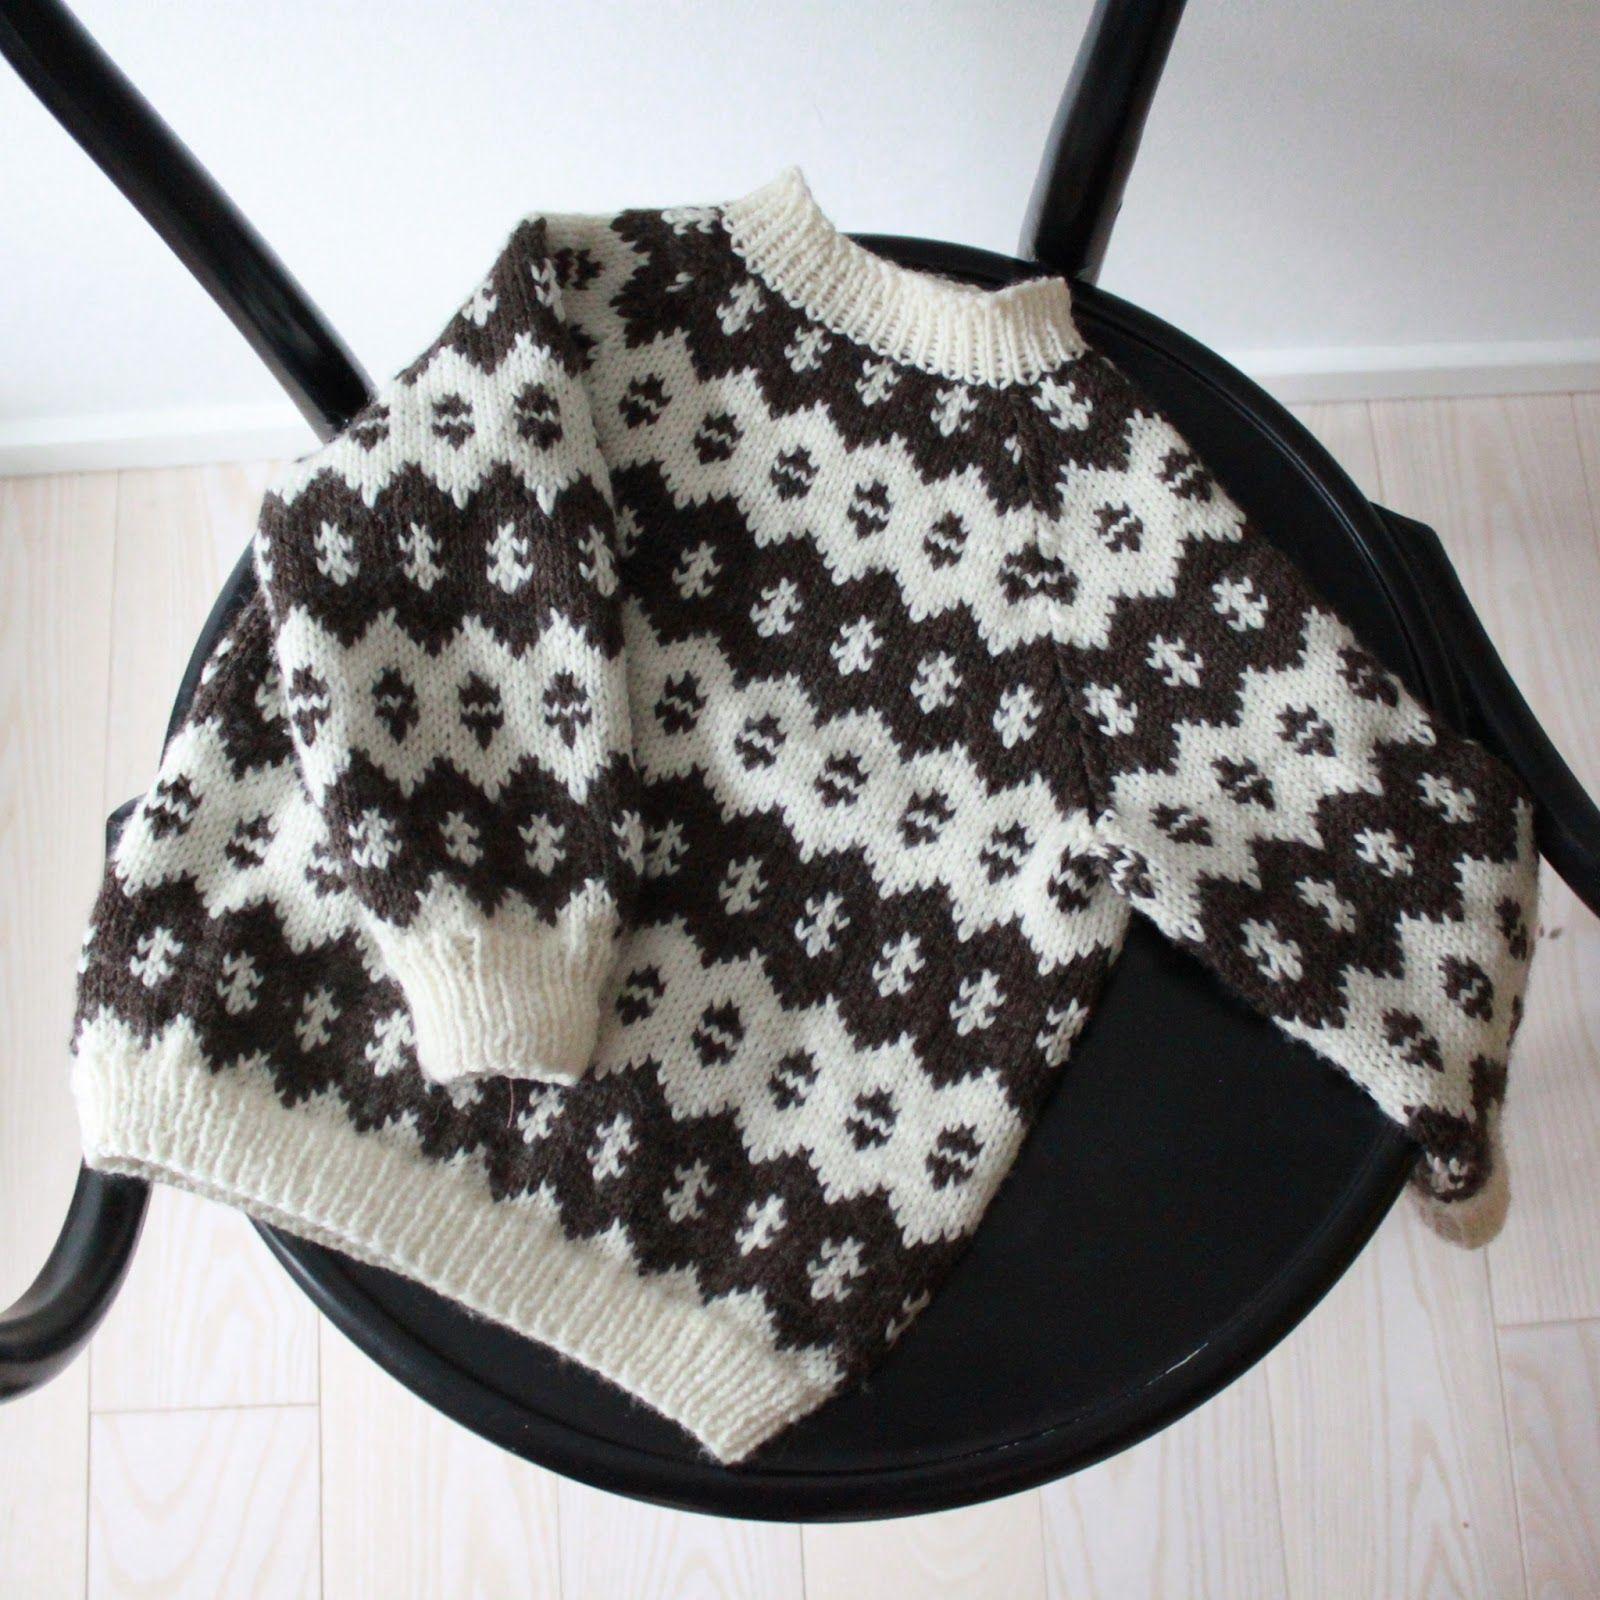 Child Bonderøv sweater | mor strik | Pinterest | Niños tejiendo ...